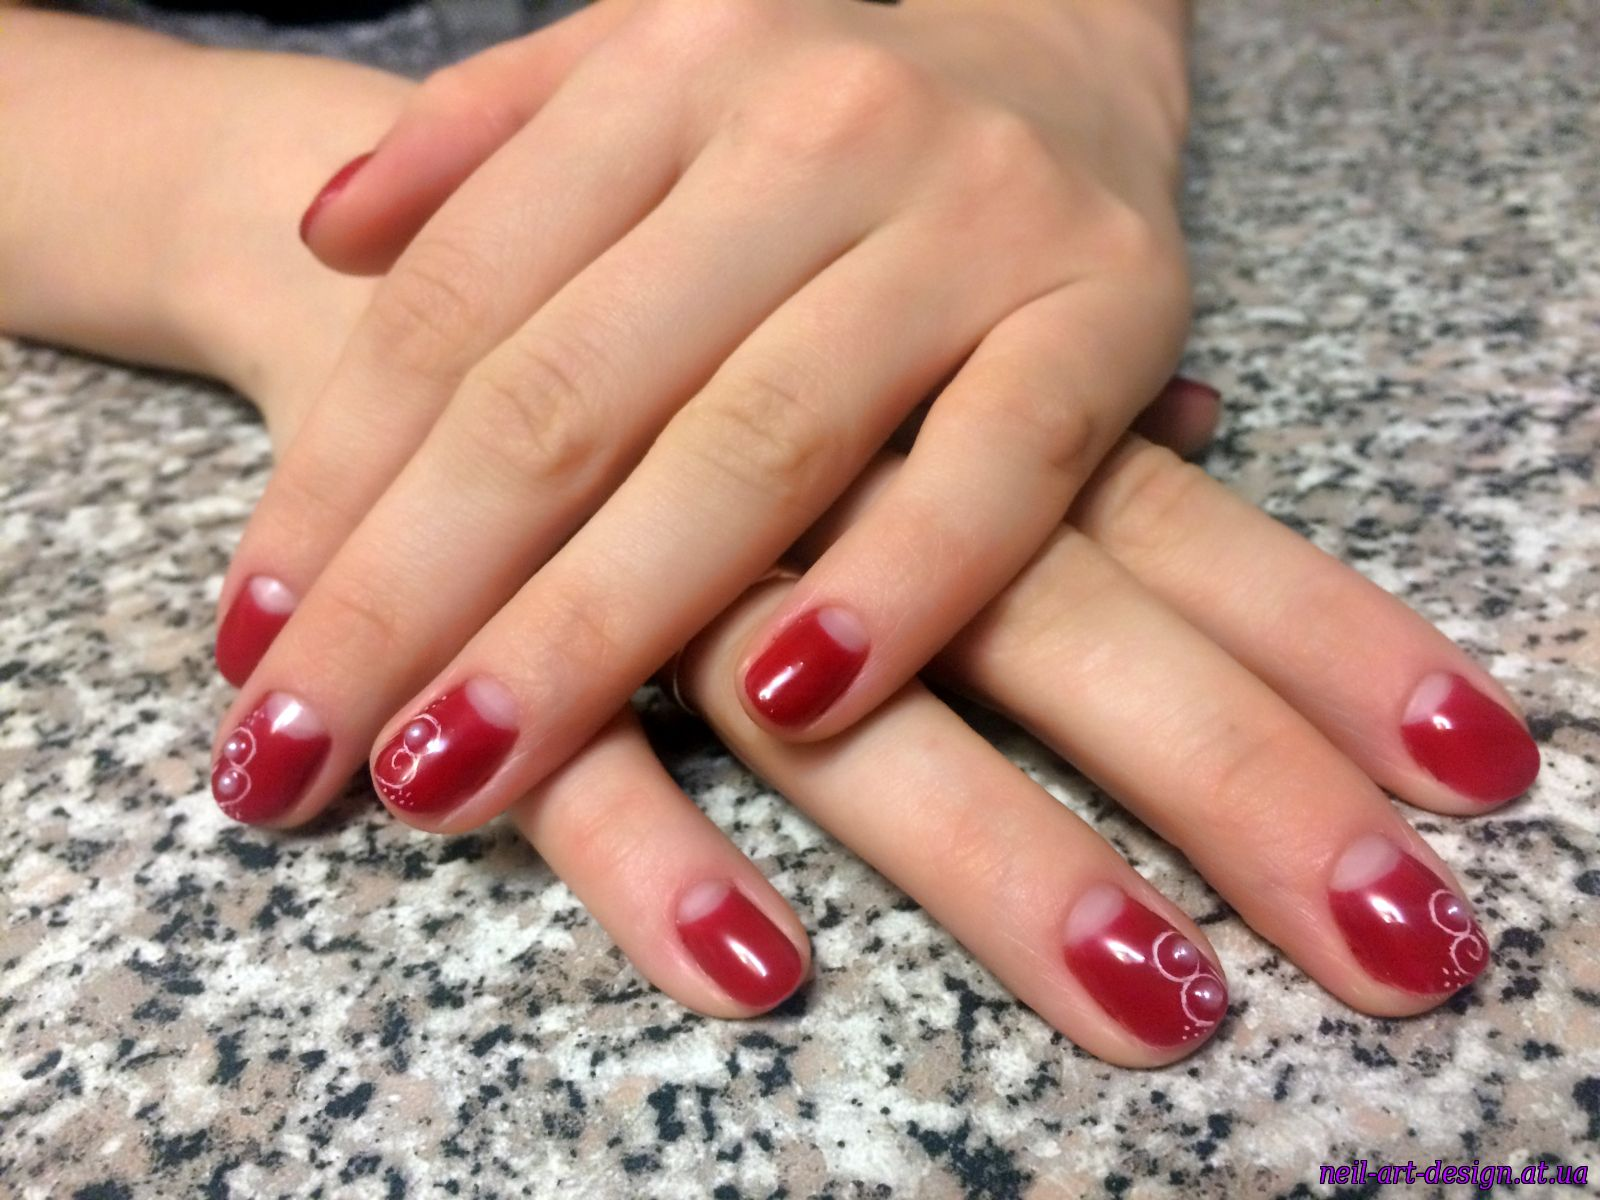 Дизайн красный лунный маникюр на ногтях фото